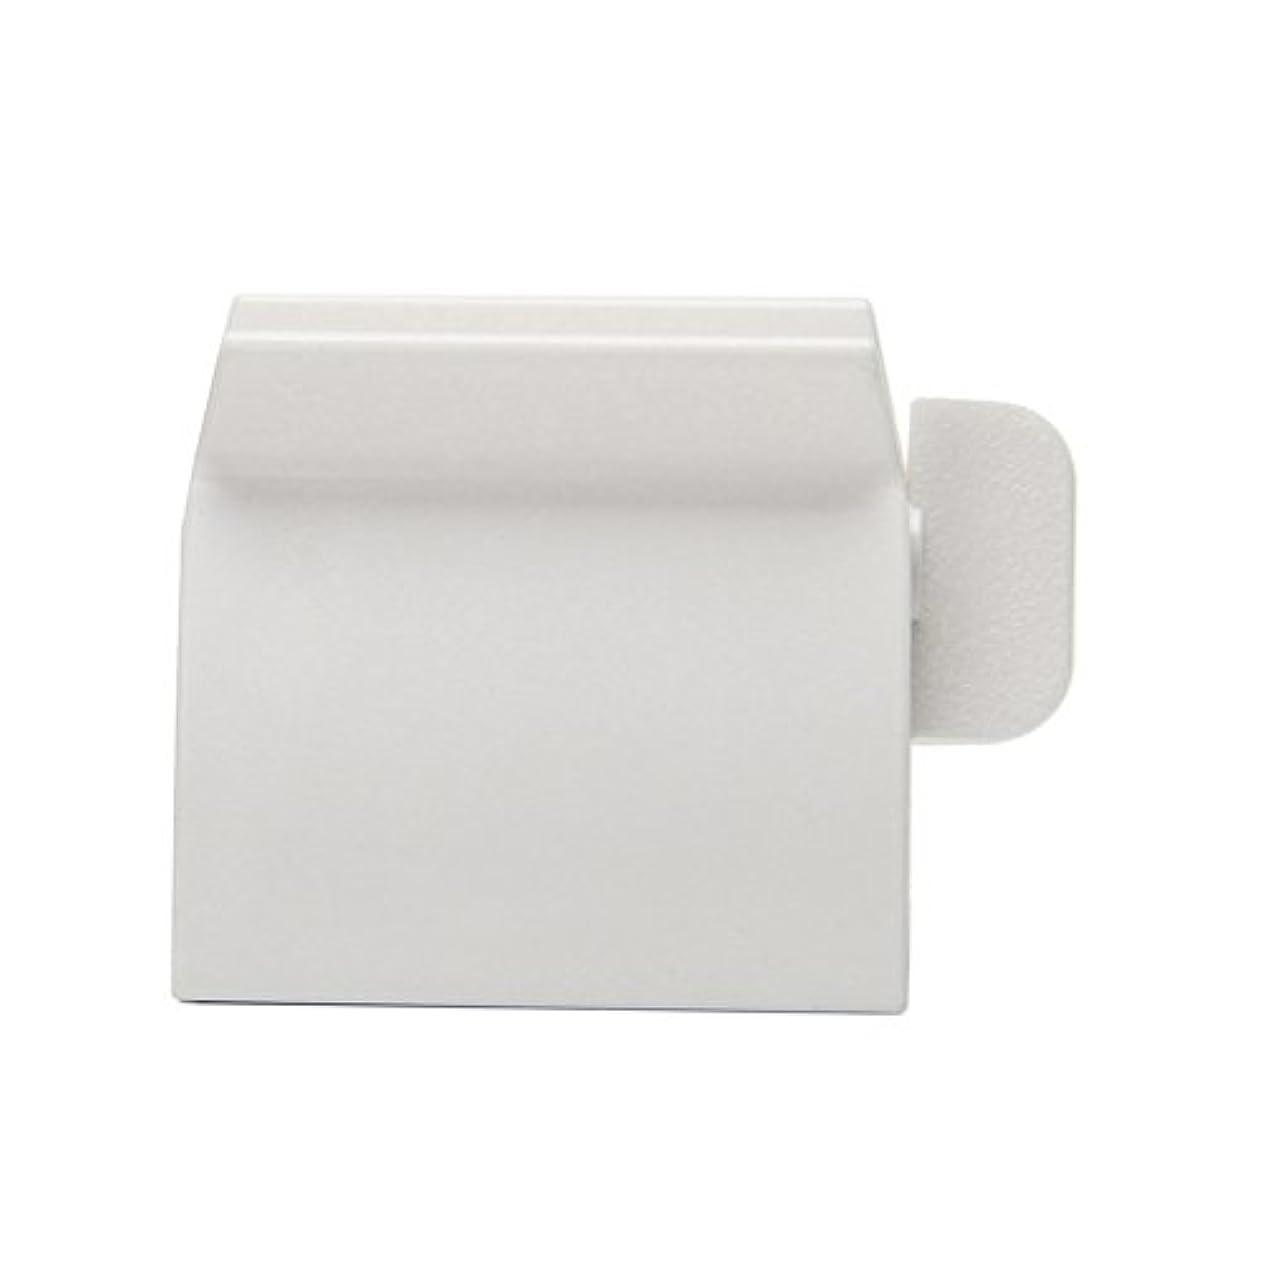 バイソン封建閉じるLamdoo浴室ホームチューブローリングホルダースクイーザ簡単歯磨き粉ディスペンサー